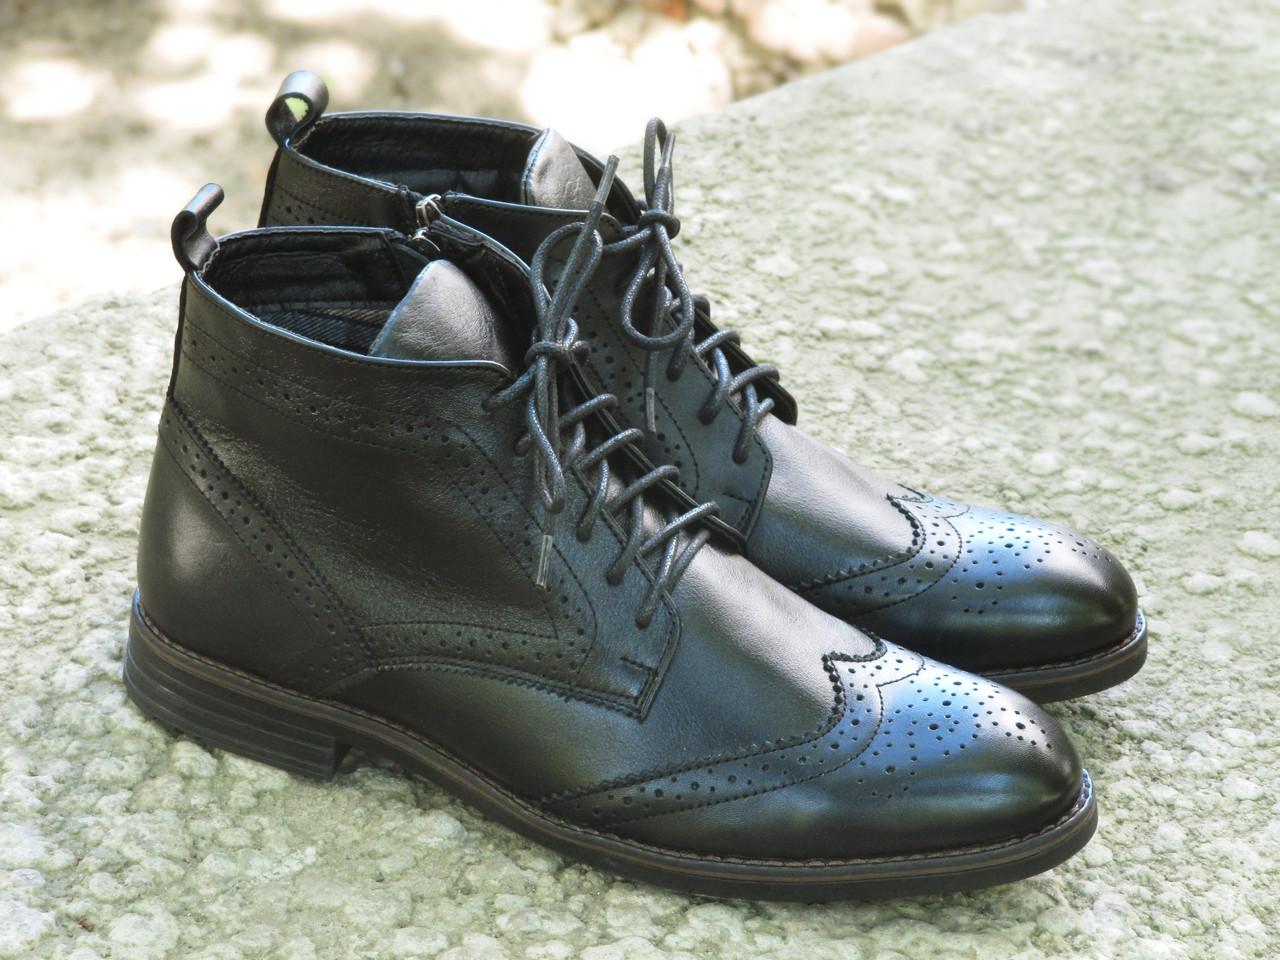 4c48ab71393e Ботинки Кожаные Мужские Осенние — в Категории